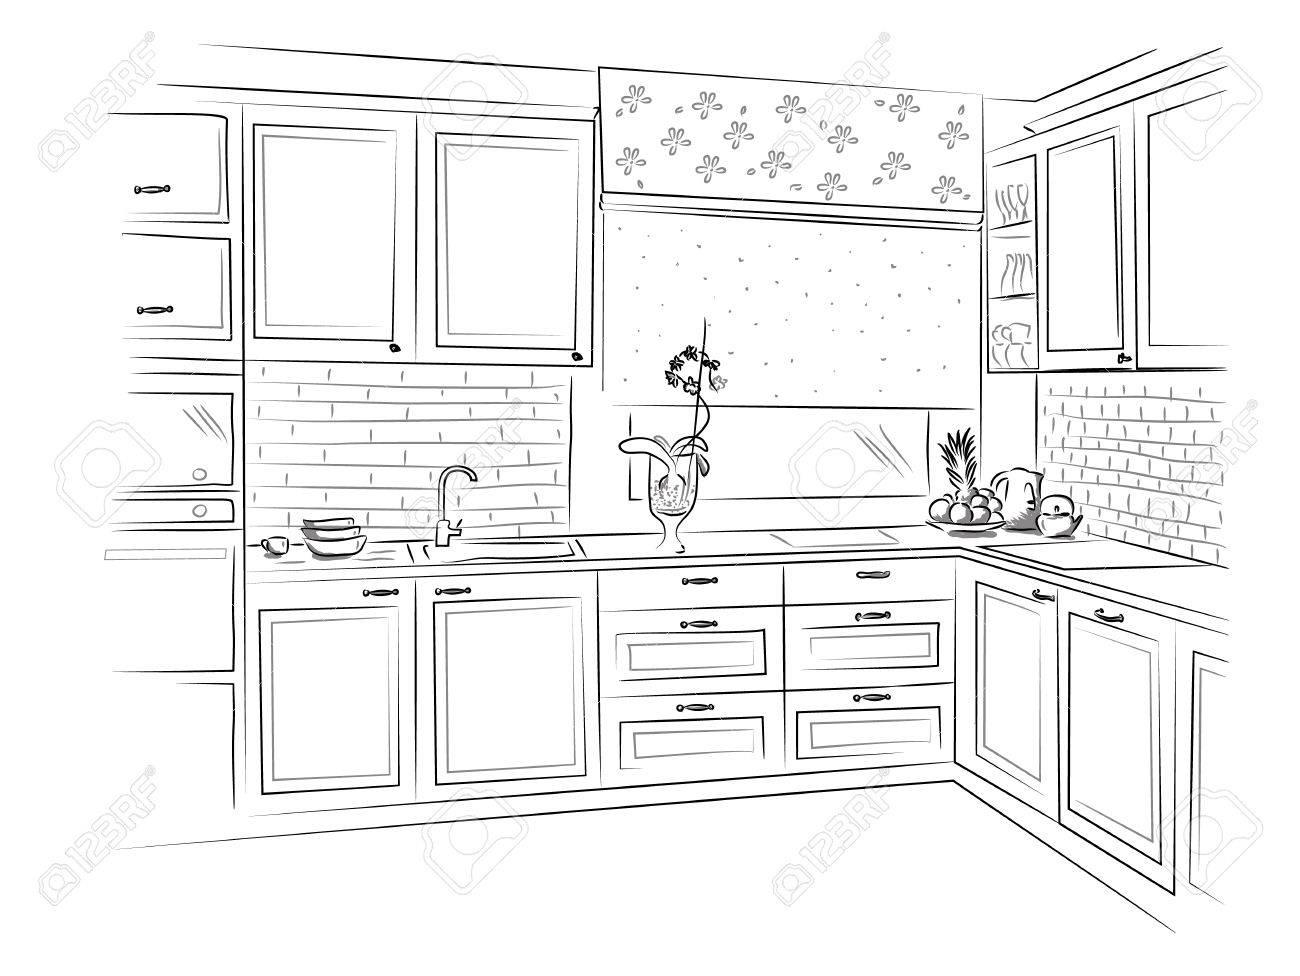 Hand gezeichnet Küche Interieur Design Skizze. Vektor-Illustration